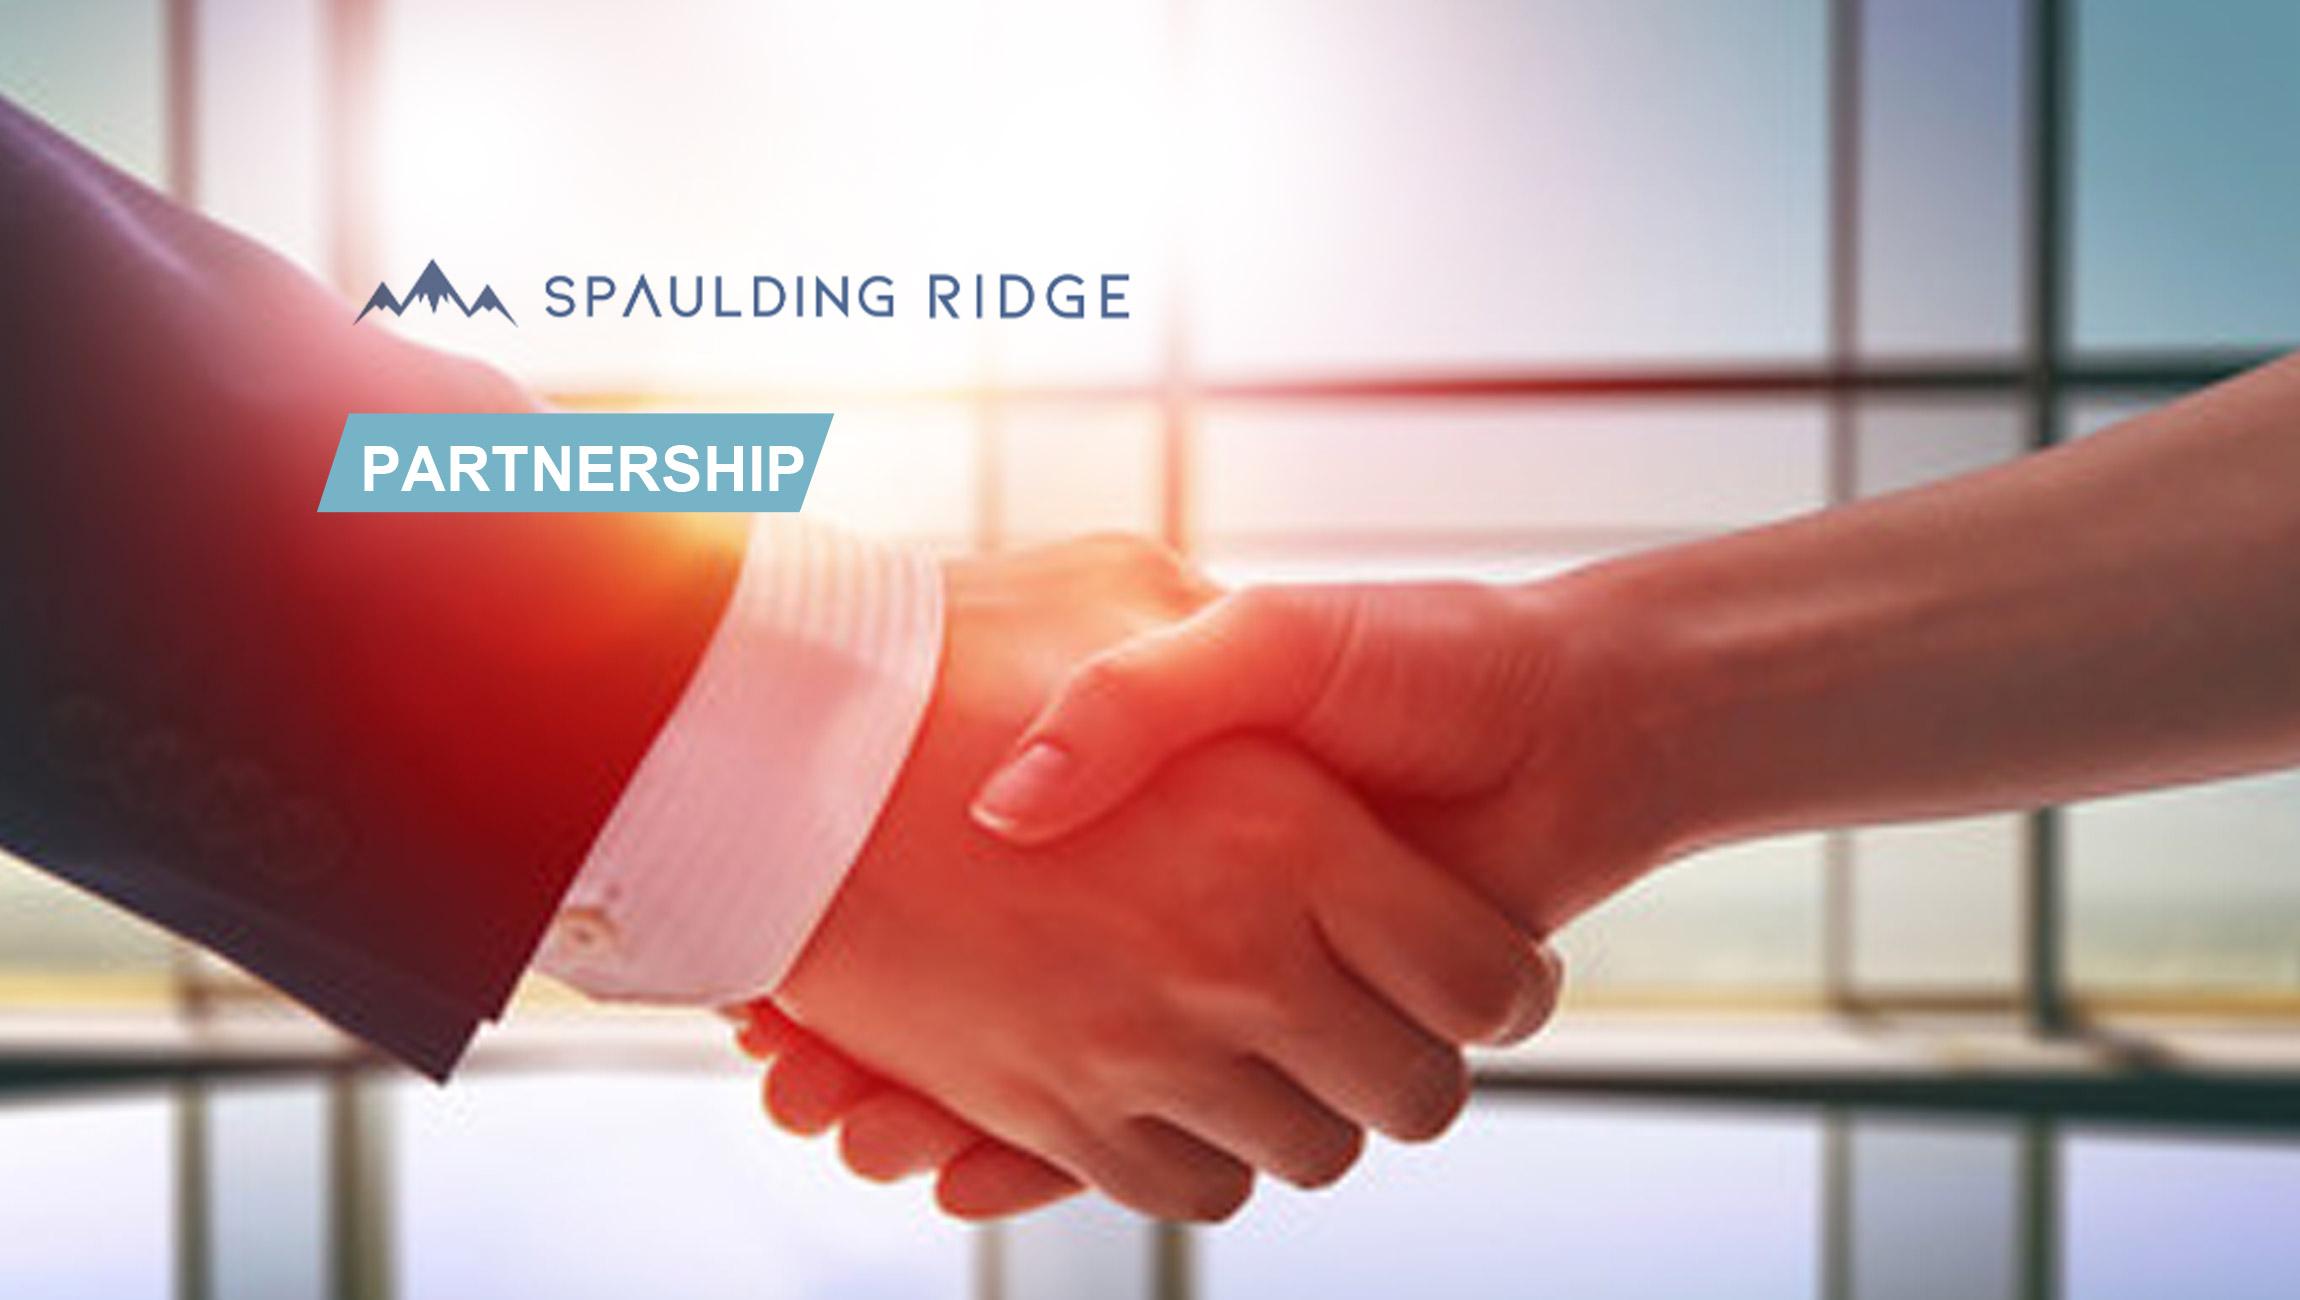 DocuSign Platinum Partner Spaulding Ridge Expands Capabilities for Enterprise Clients